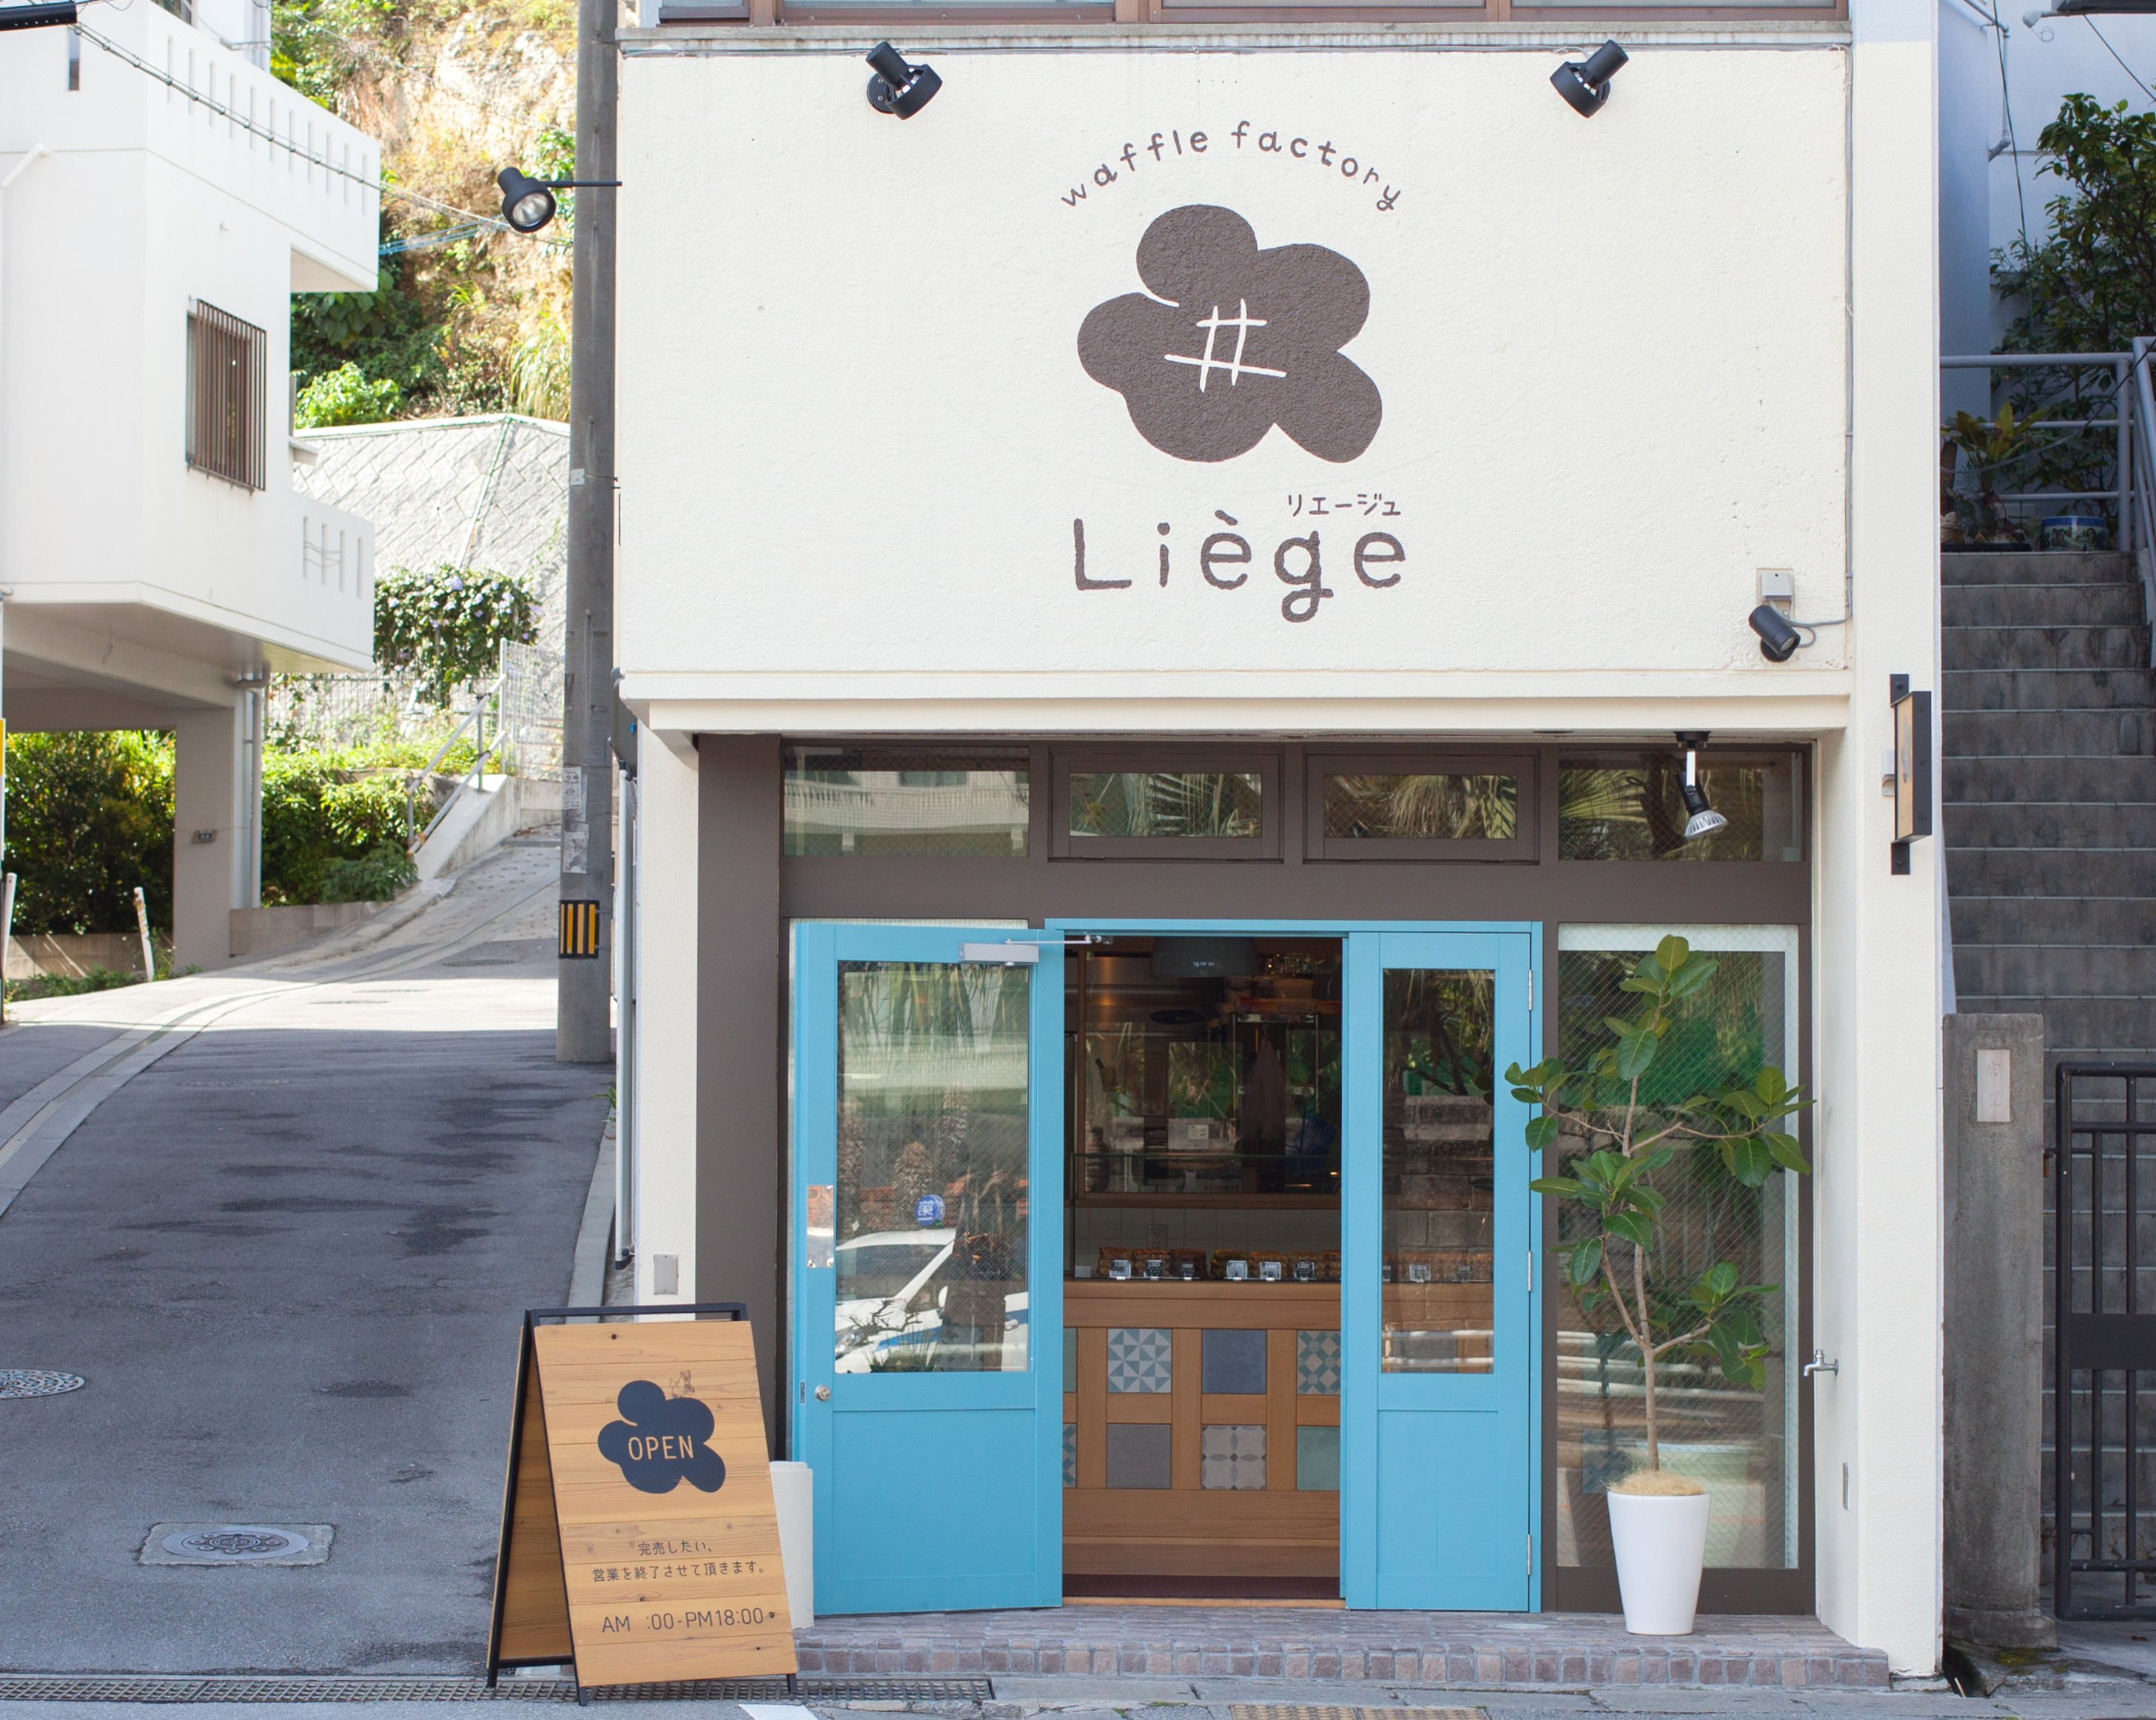 liege-01.jpg#asset:244